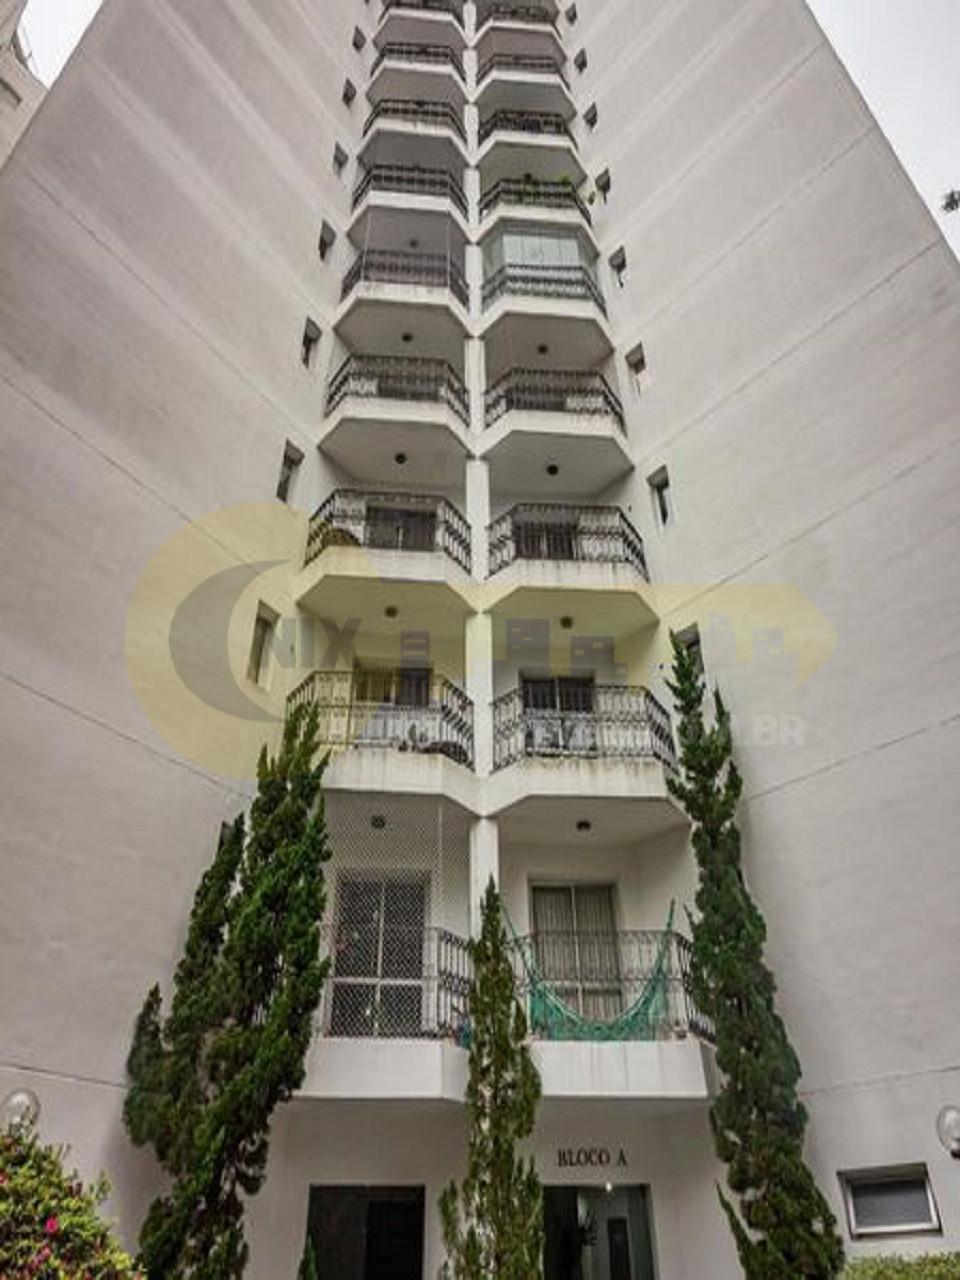 Aluga apartamento Vila Indiana colado na USP e nascente do Instituto Butantan. Iluminado repleto de janelas, varanda. 2 quartos, academia, piscina e mais!